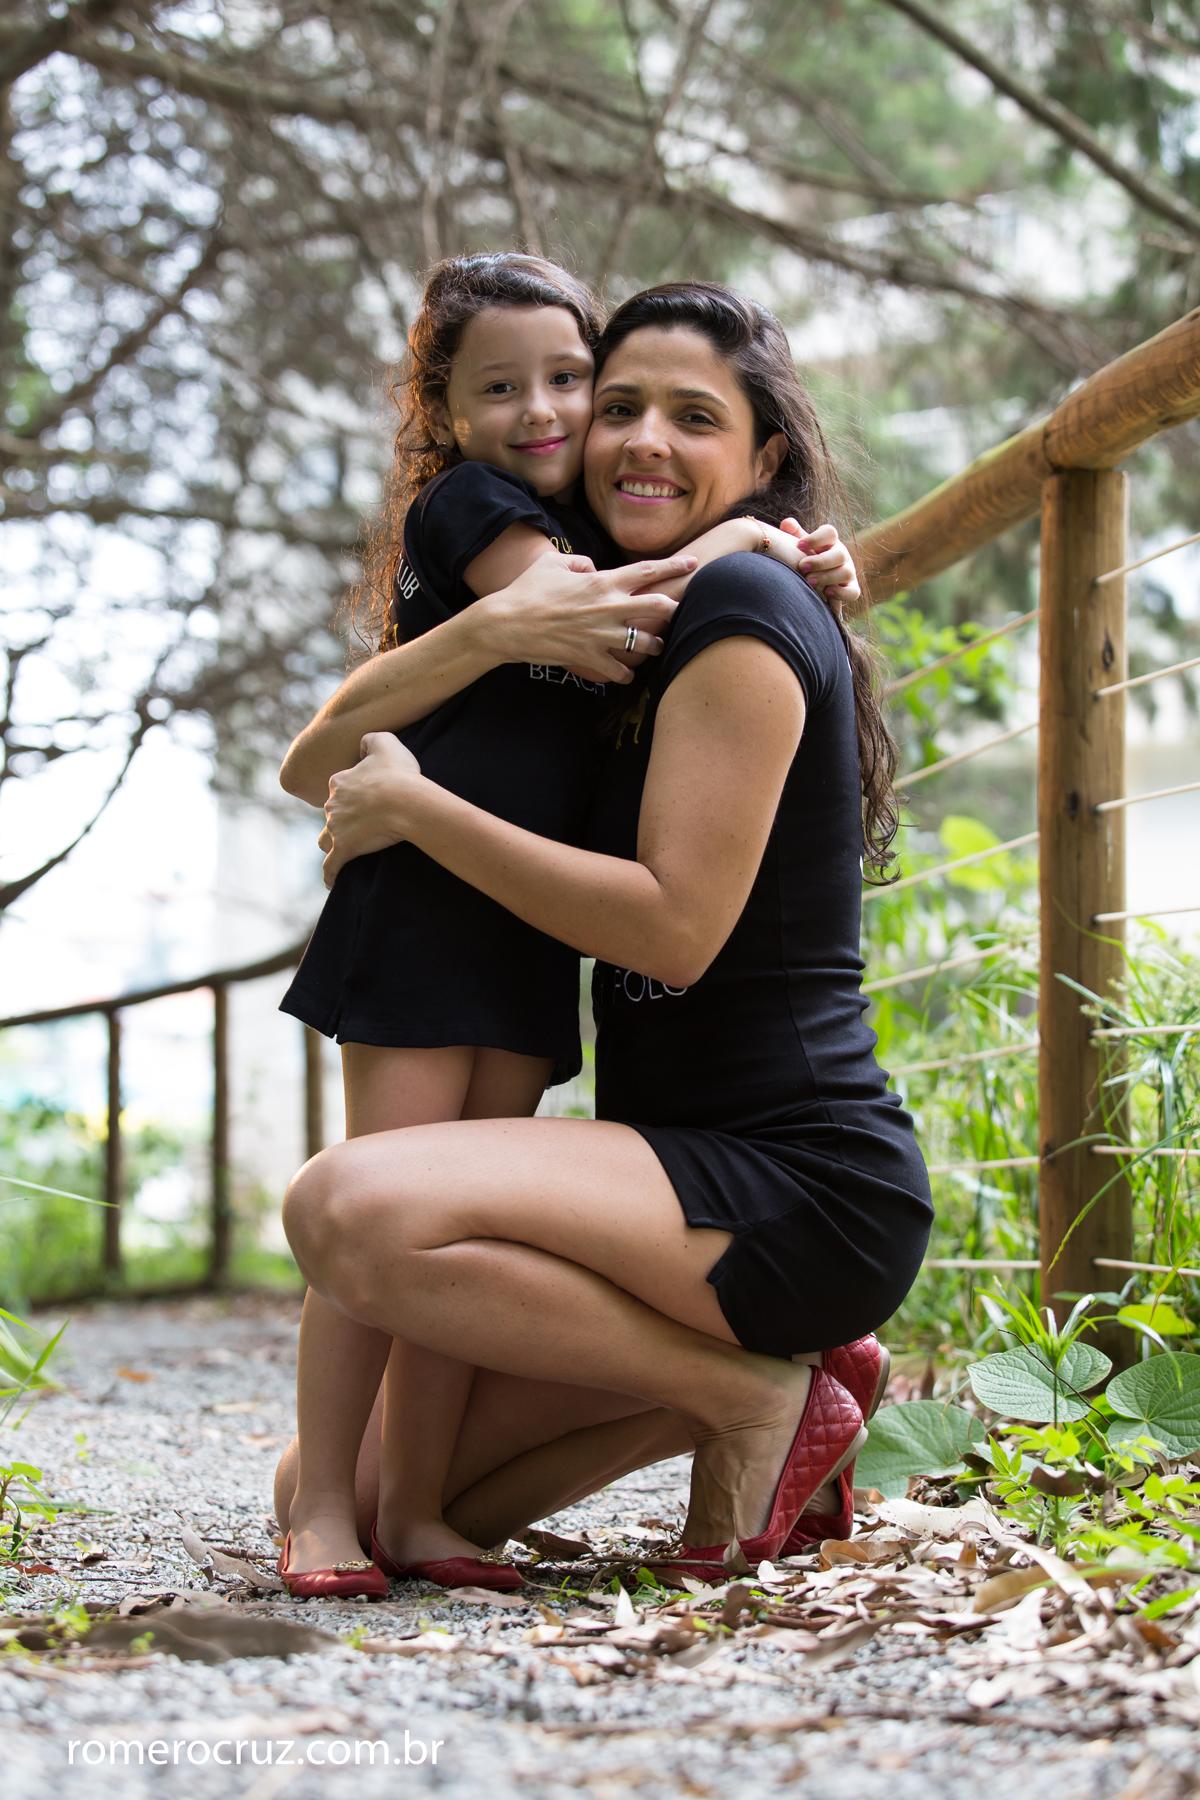 Amor de mãe e filha fotografado no ensaio do fotógrafo Romero Cruz